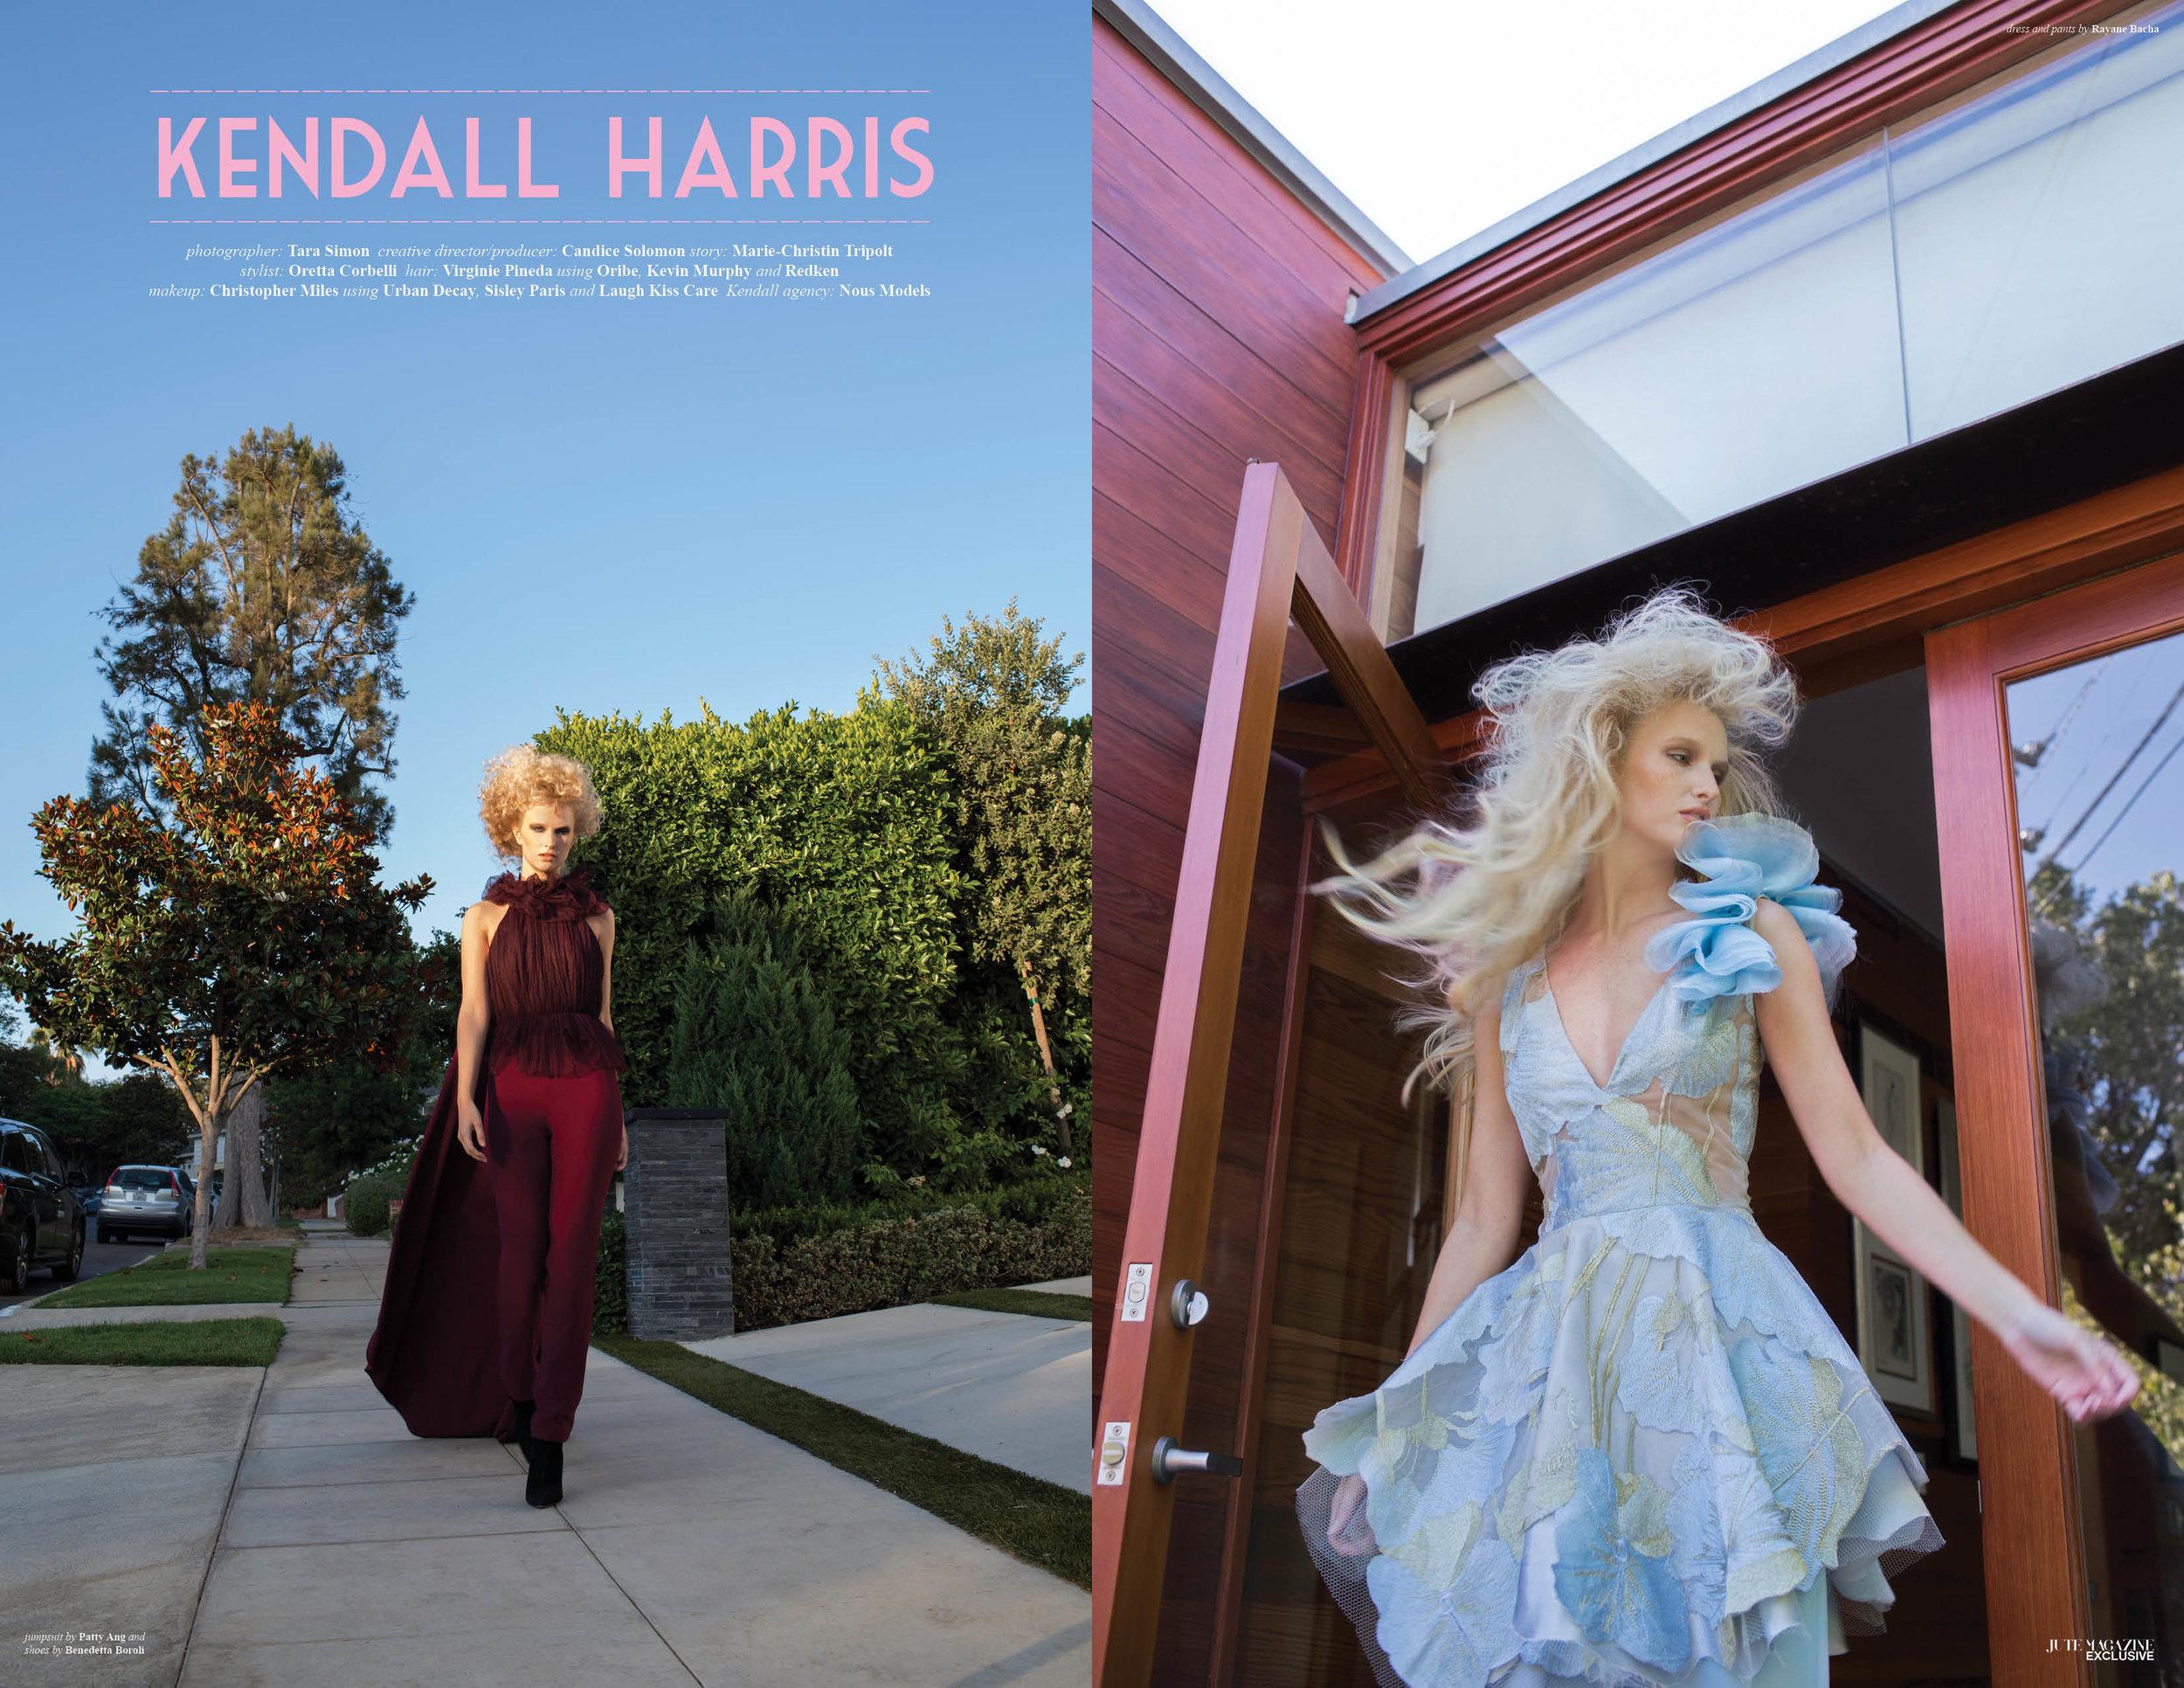 KendallHarris2.jpg